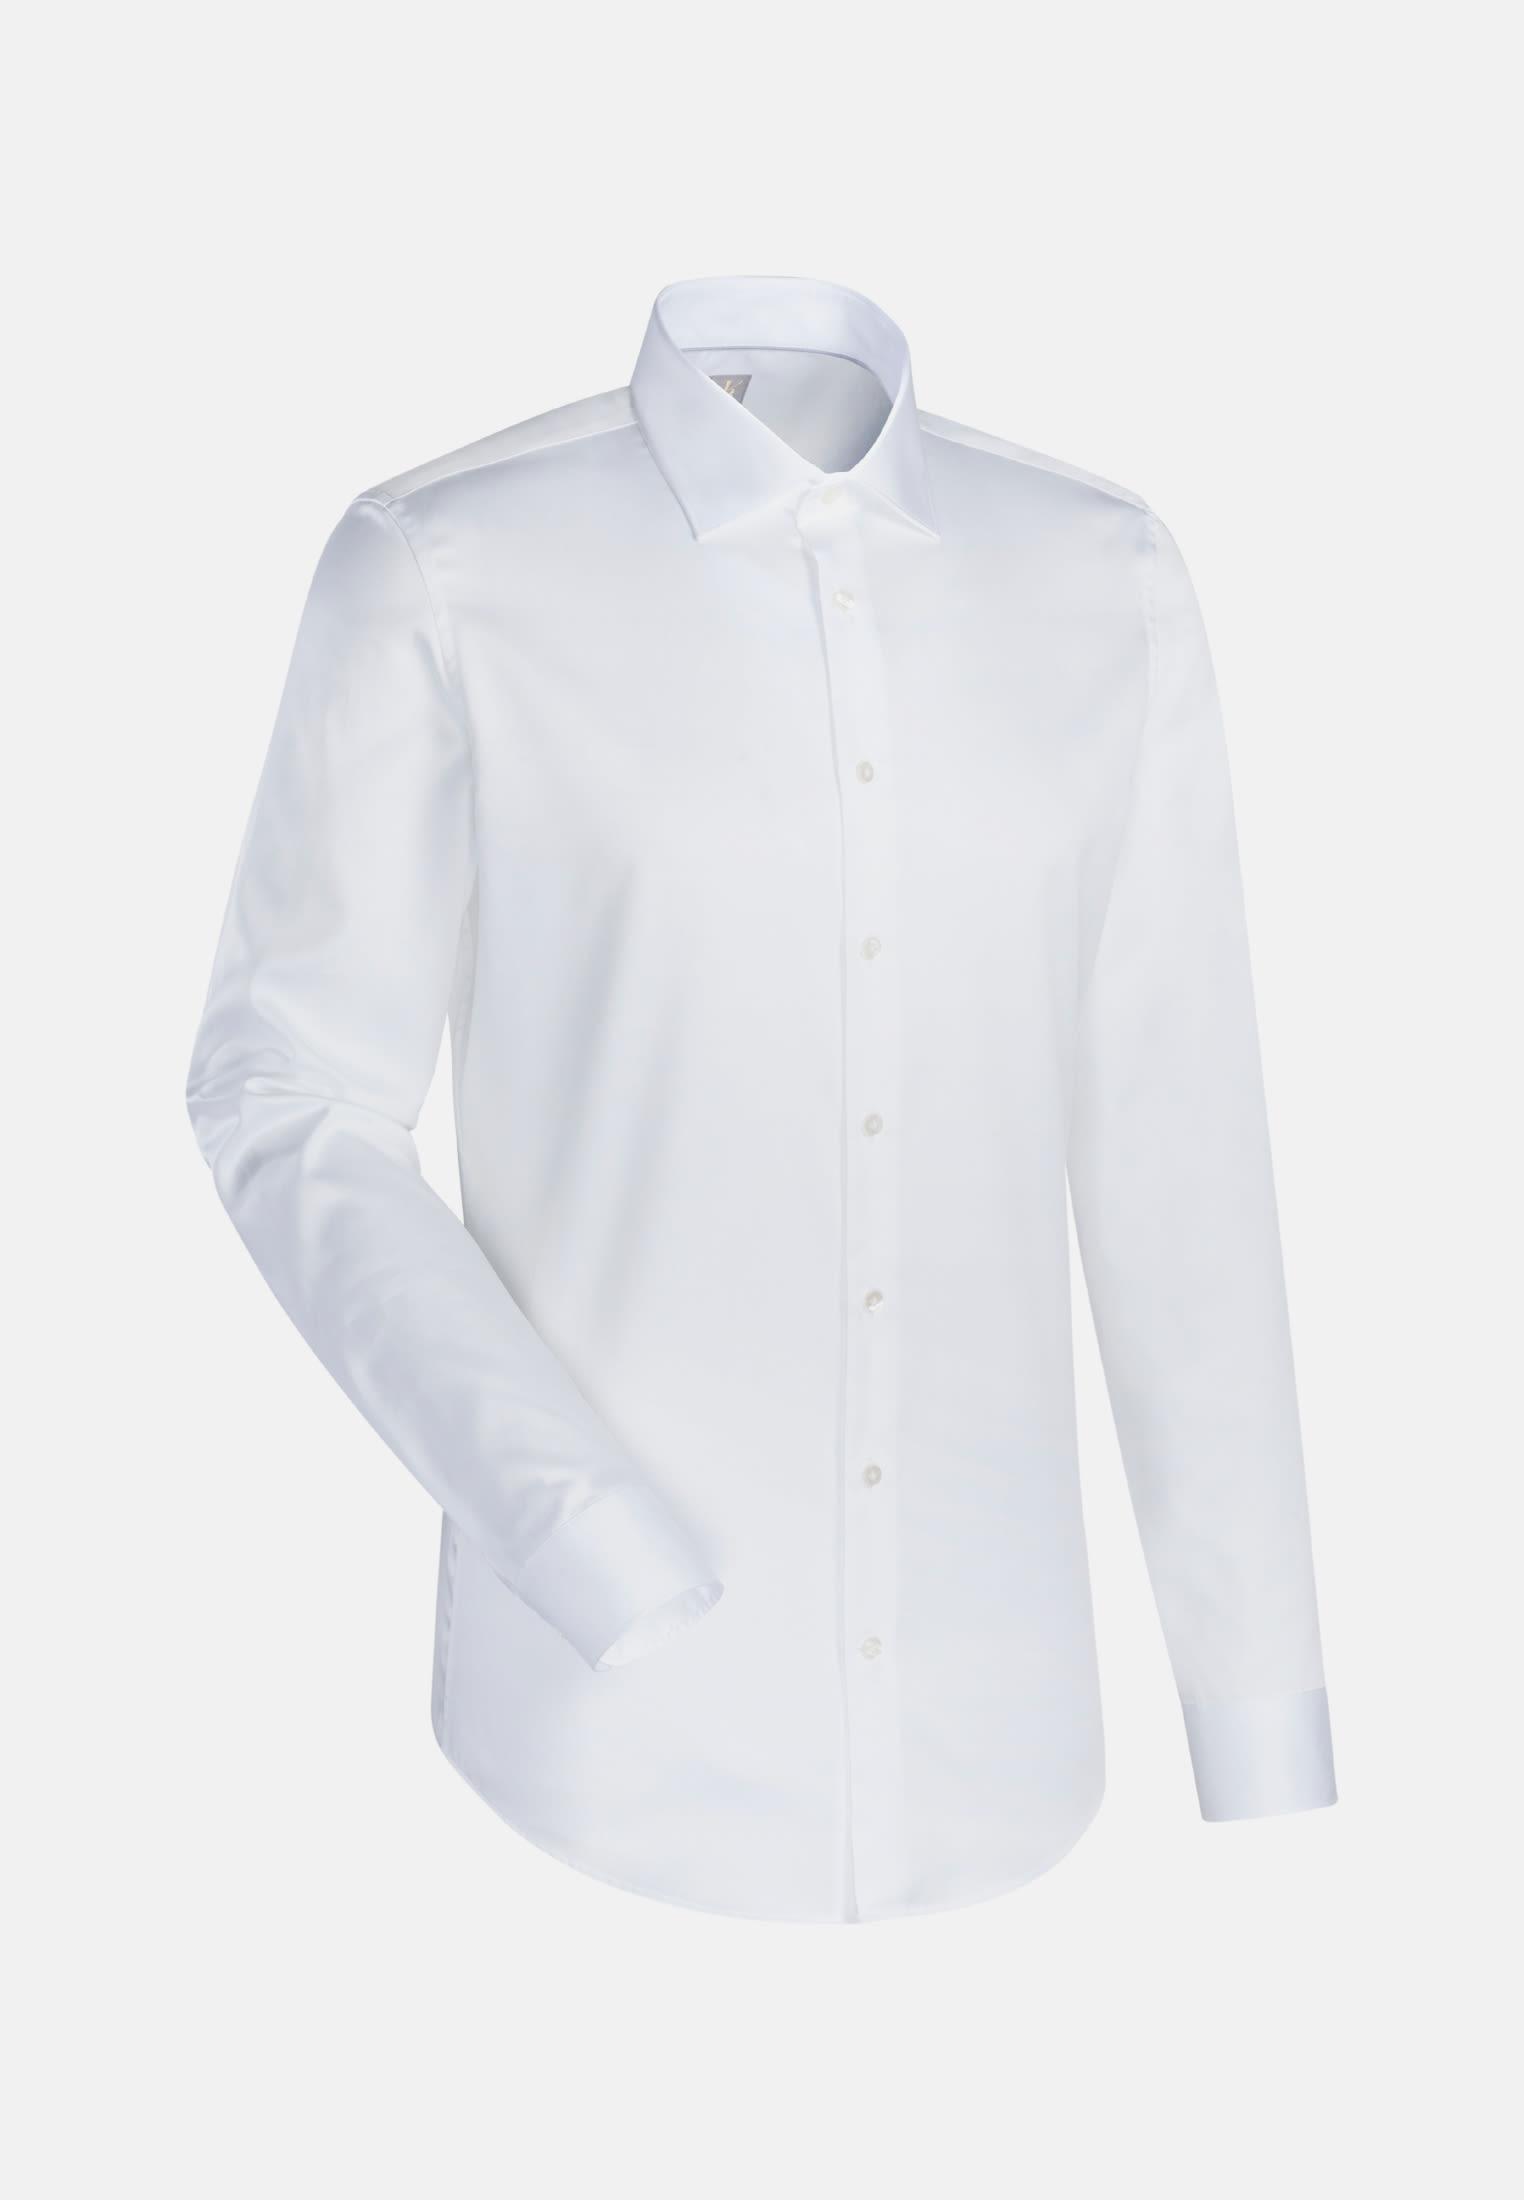 Satin Business Hemd in Custom Fit mit Kentkragen und extra langem Arm in Weiß    Jacques Britt Onlineshop